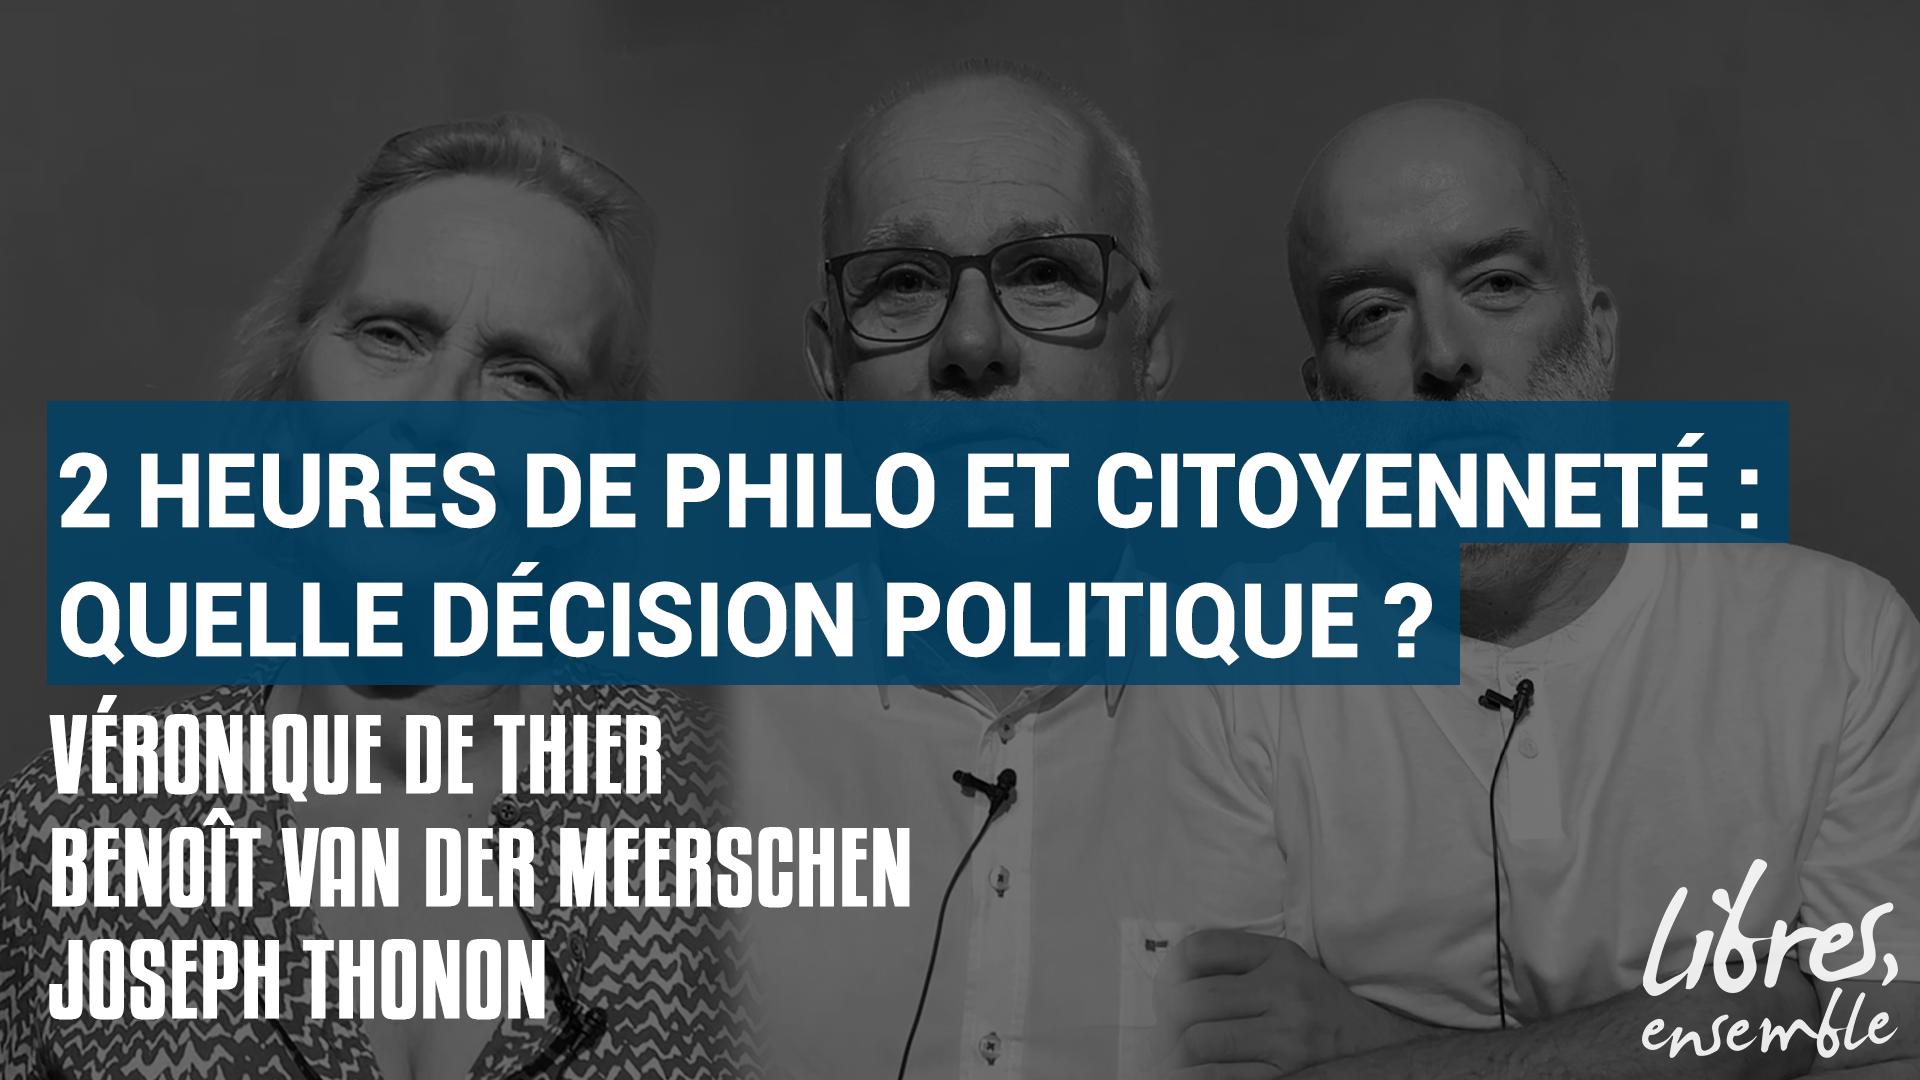 2 heures de philo et citoyenneté : quelle décision politique ?